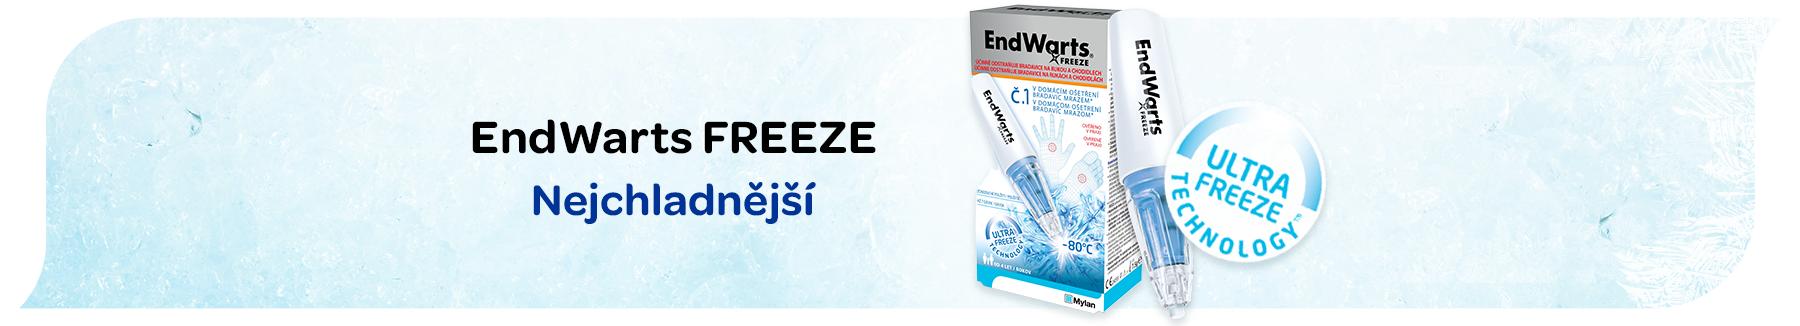 Endwarts, domácí ošetření bradavic, endwarts freeze, odstranění bradavic mrazem